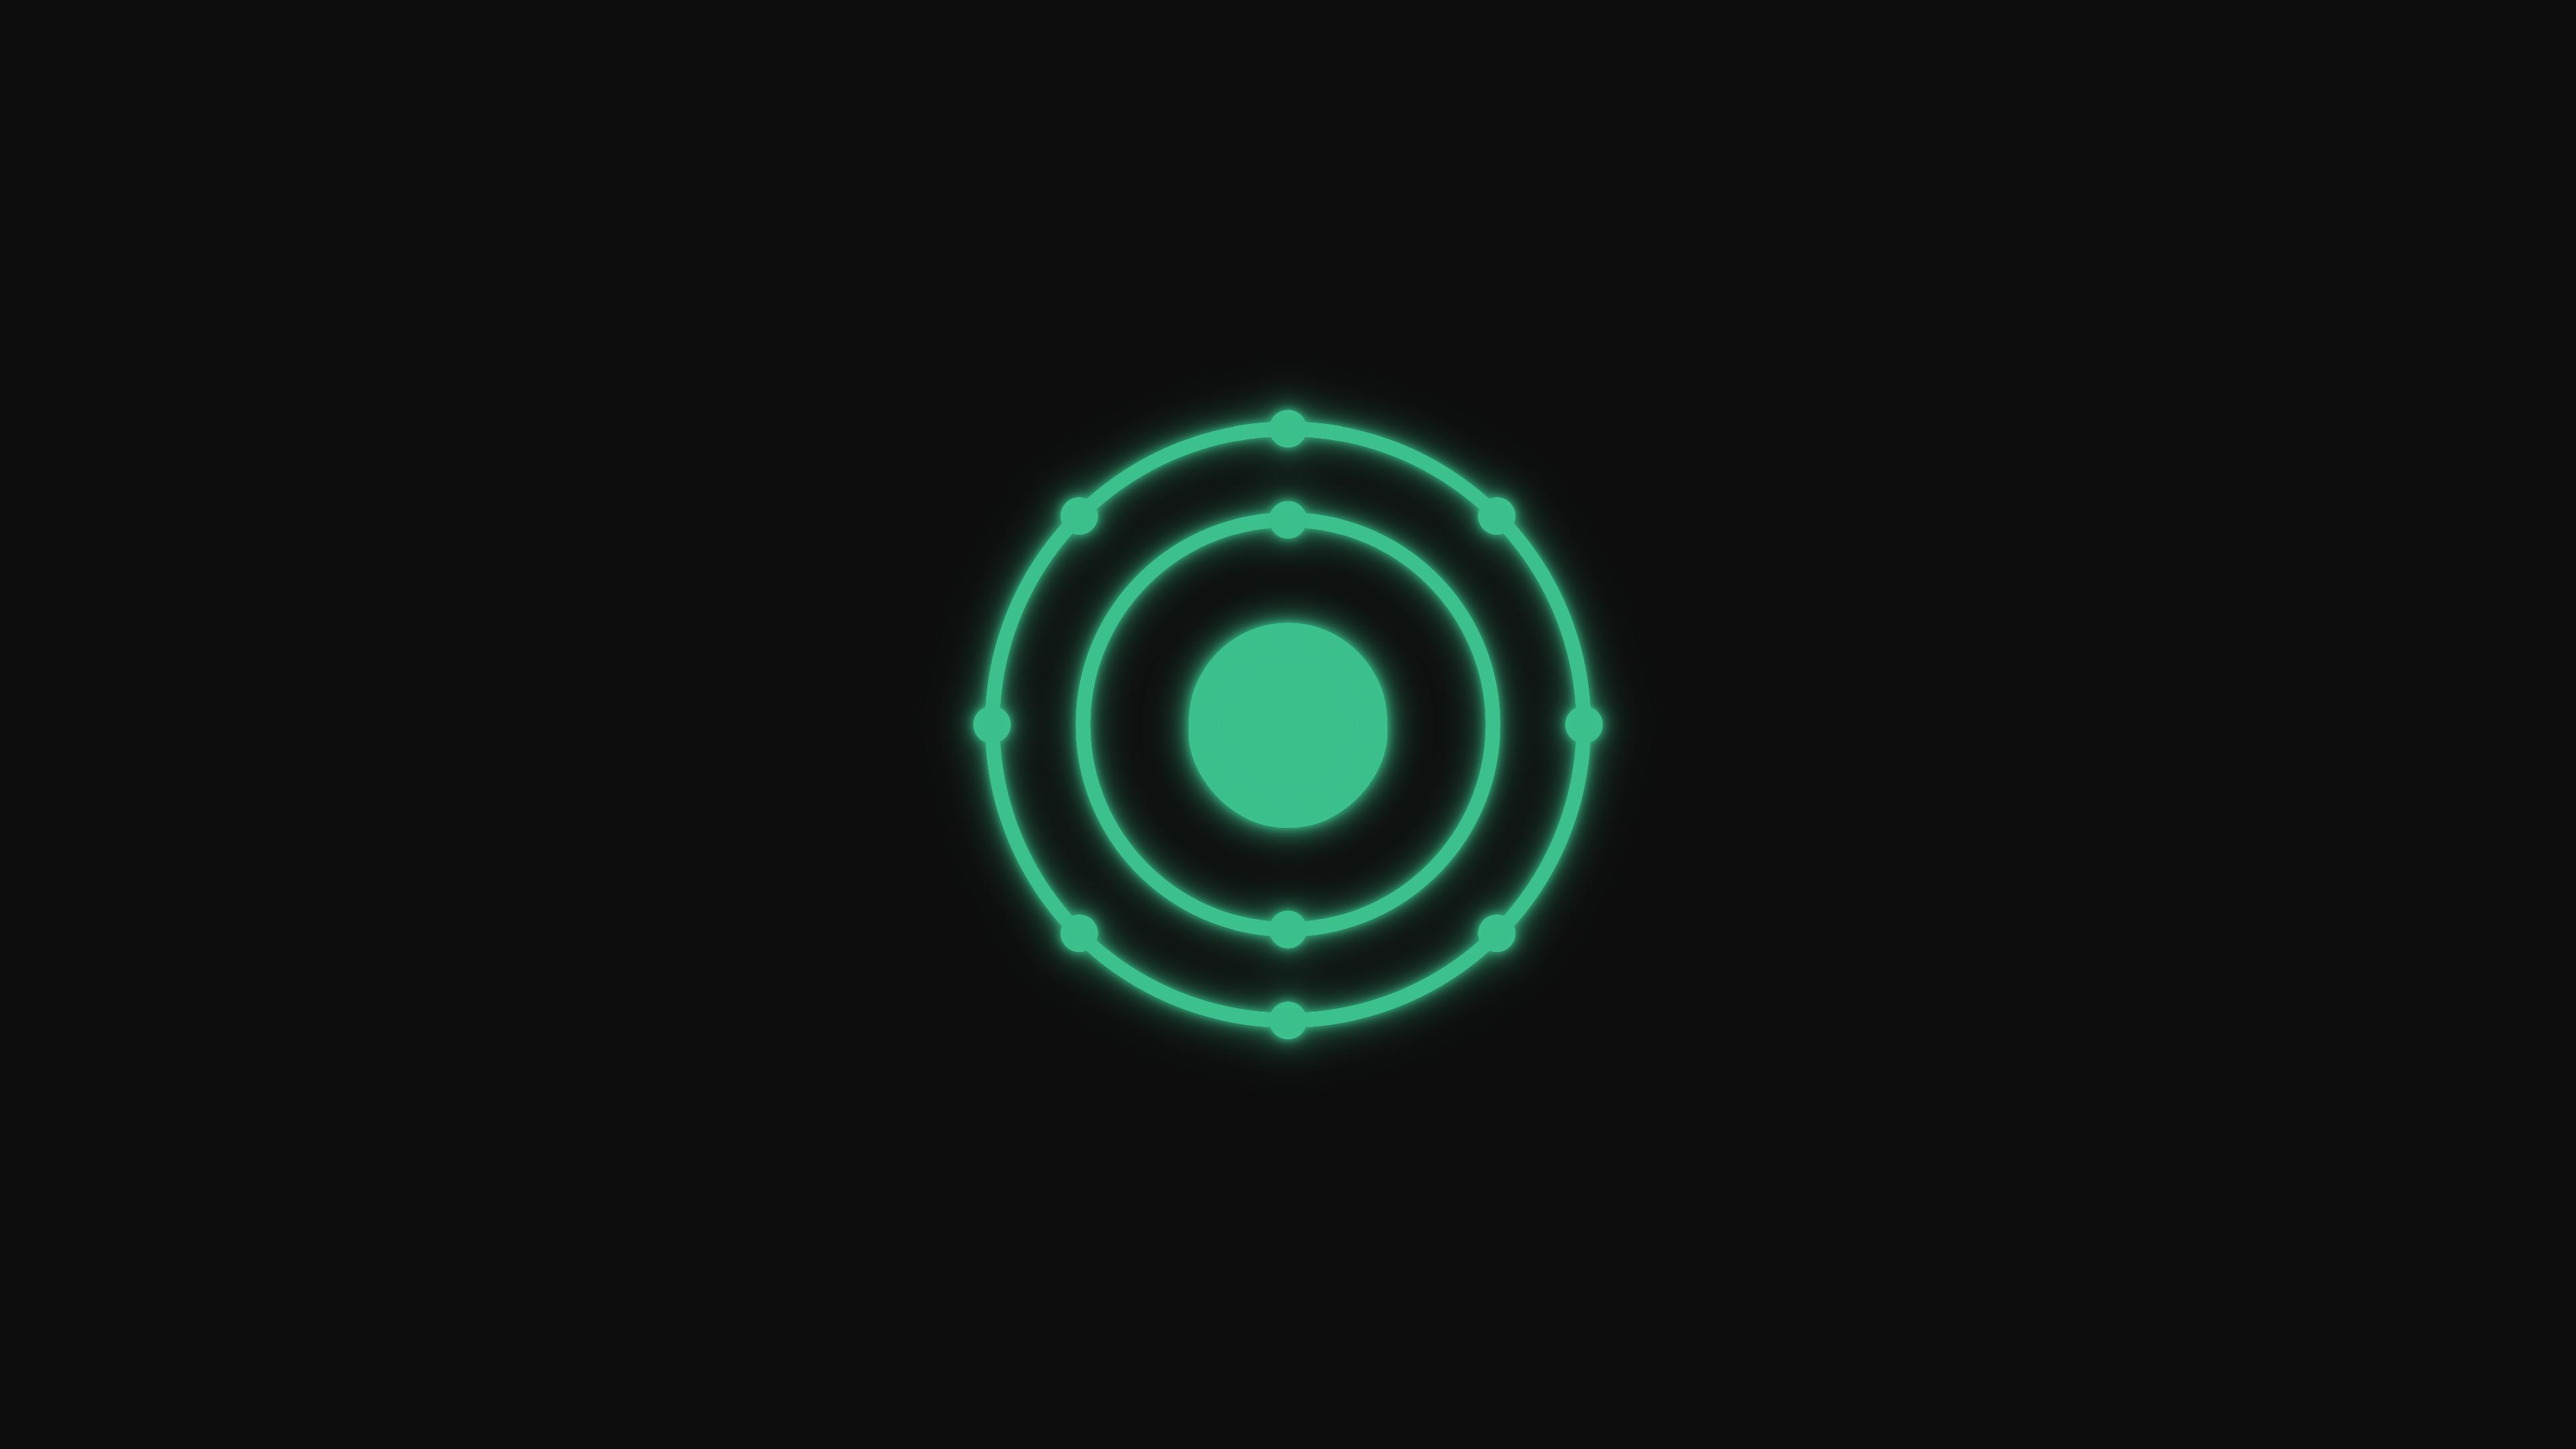 KDE Neon Logo Wallpaper 3840x2160 by ...